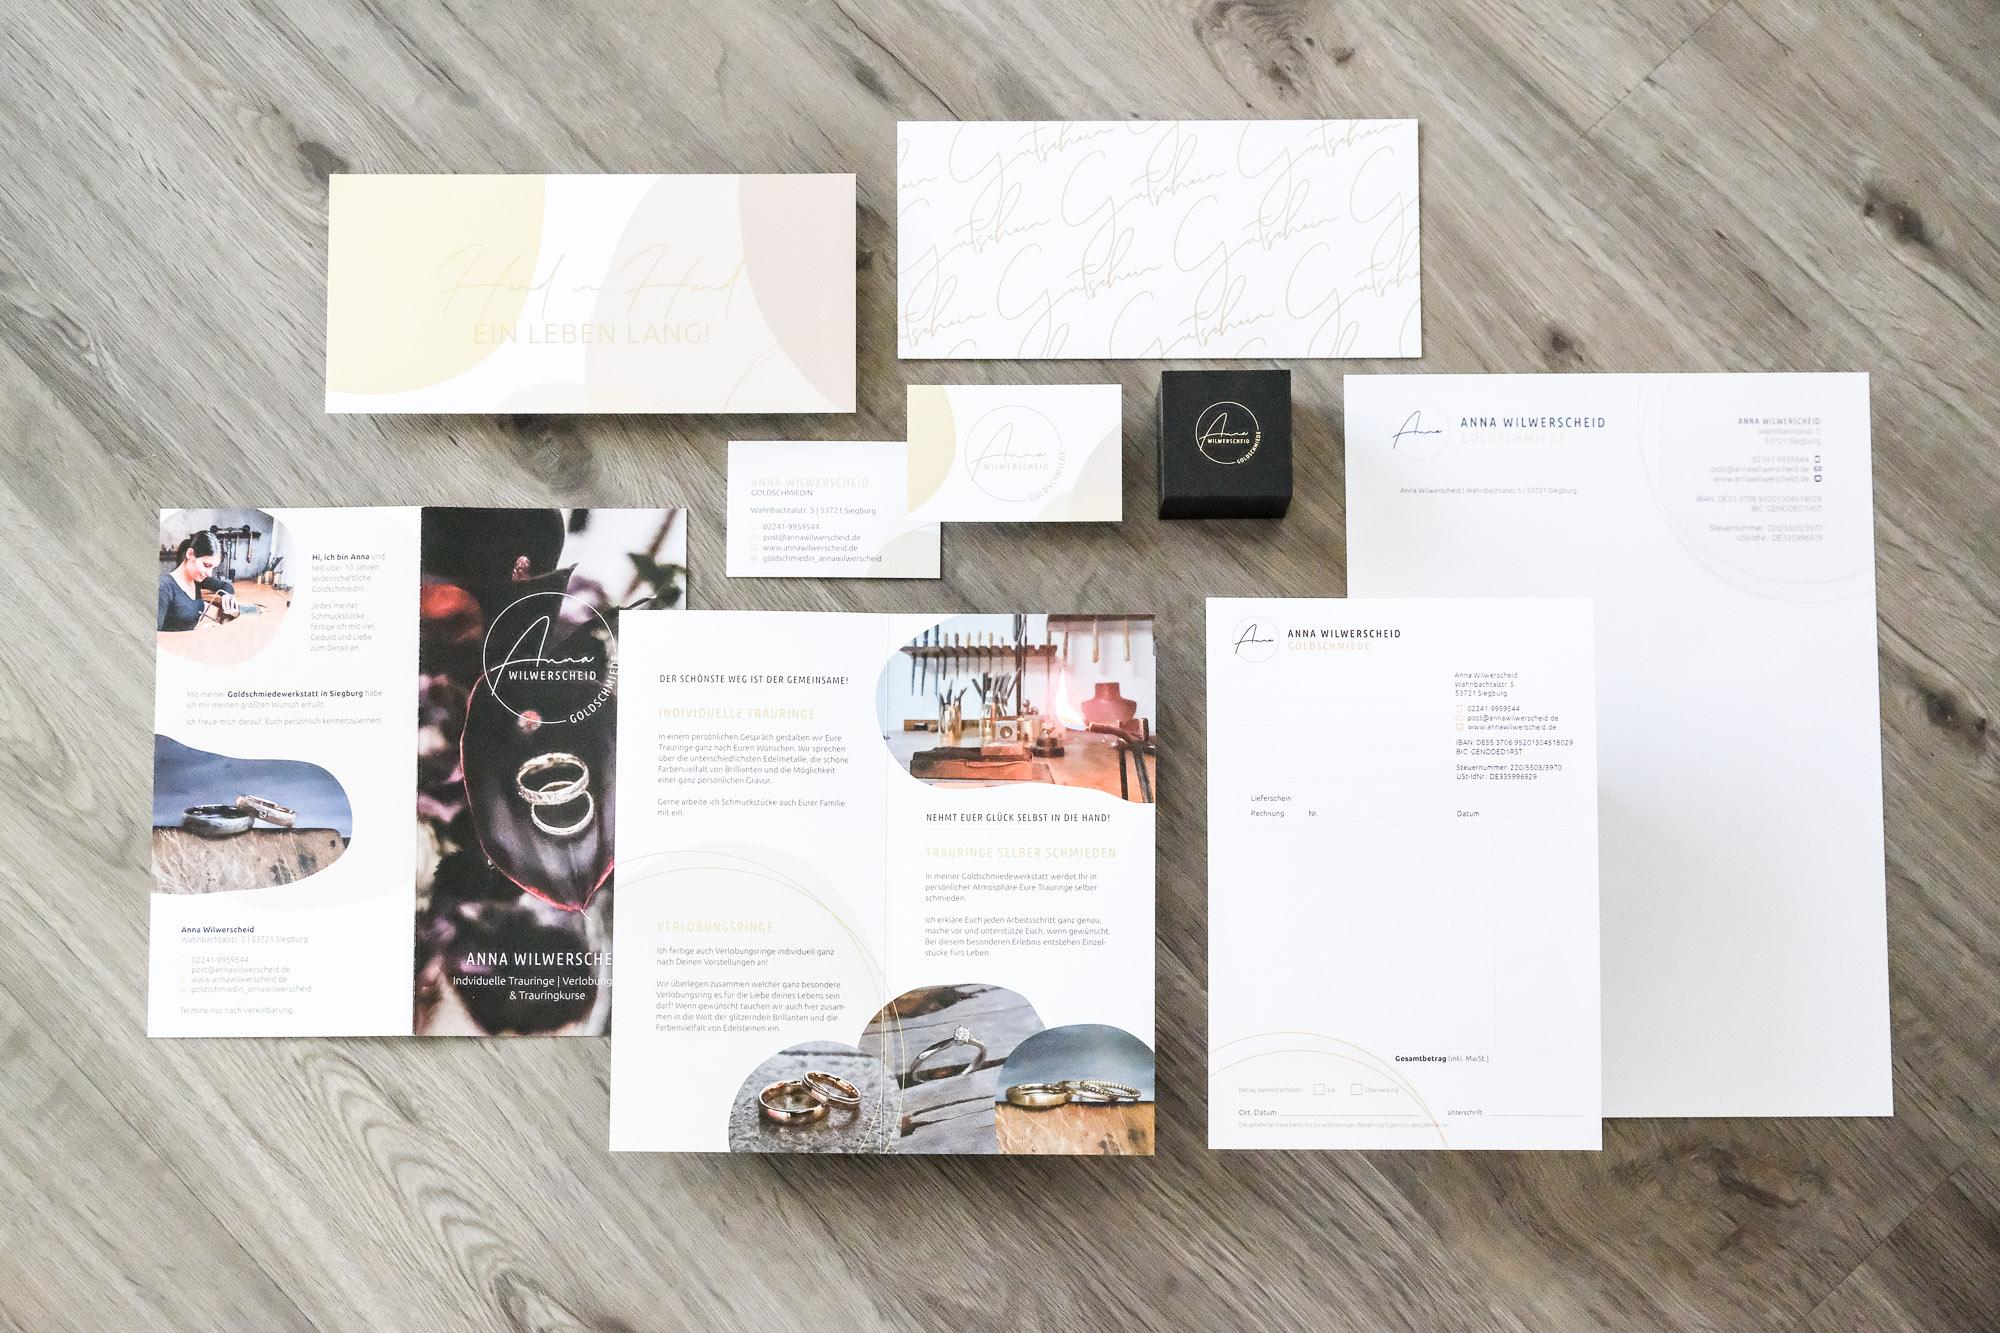 Gutscheine Postkarte Visitenkarte Briefbogen Briefpapier Flyer Rechnungsblock Ringkästchen Golddruck Goldschmiede Anna Wilwerscheid Geschäftsausstattung Flatlay